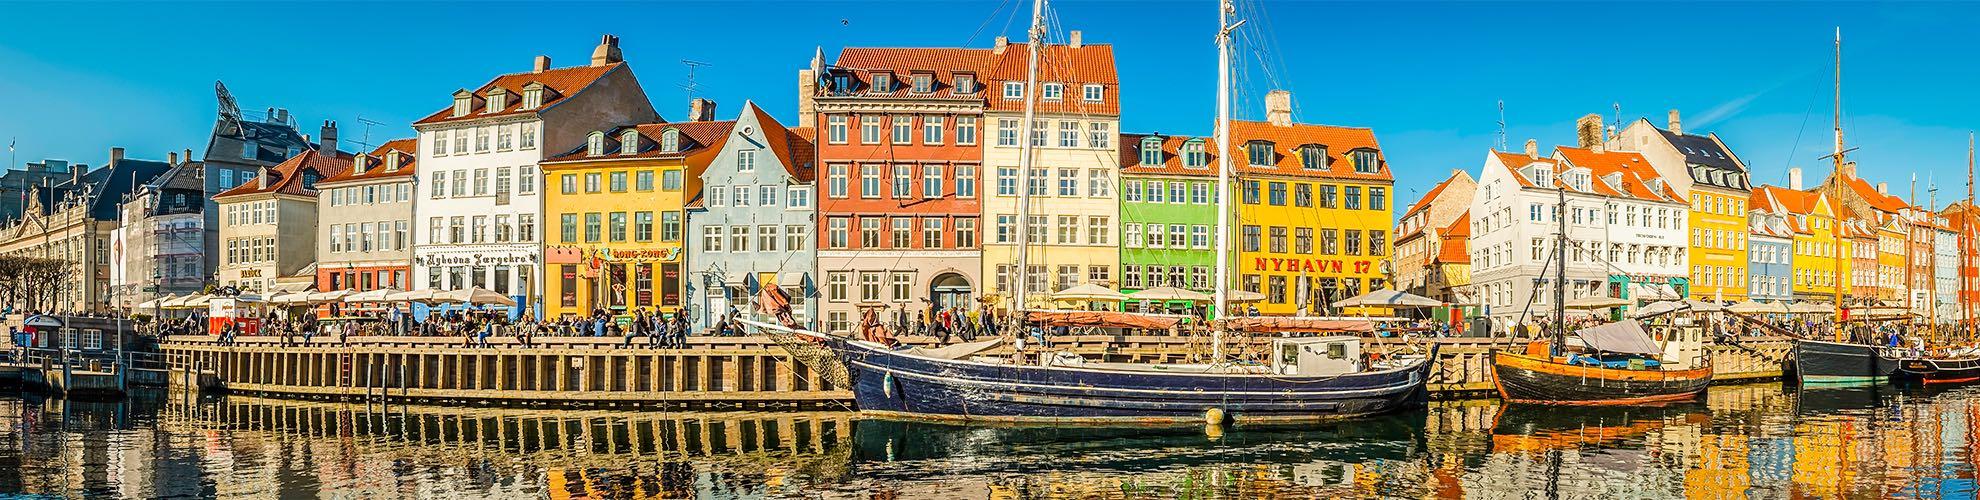 Legoland Danmark Kort Danmark Legoland Kort I Det Nordlige Europa